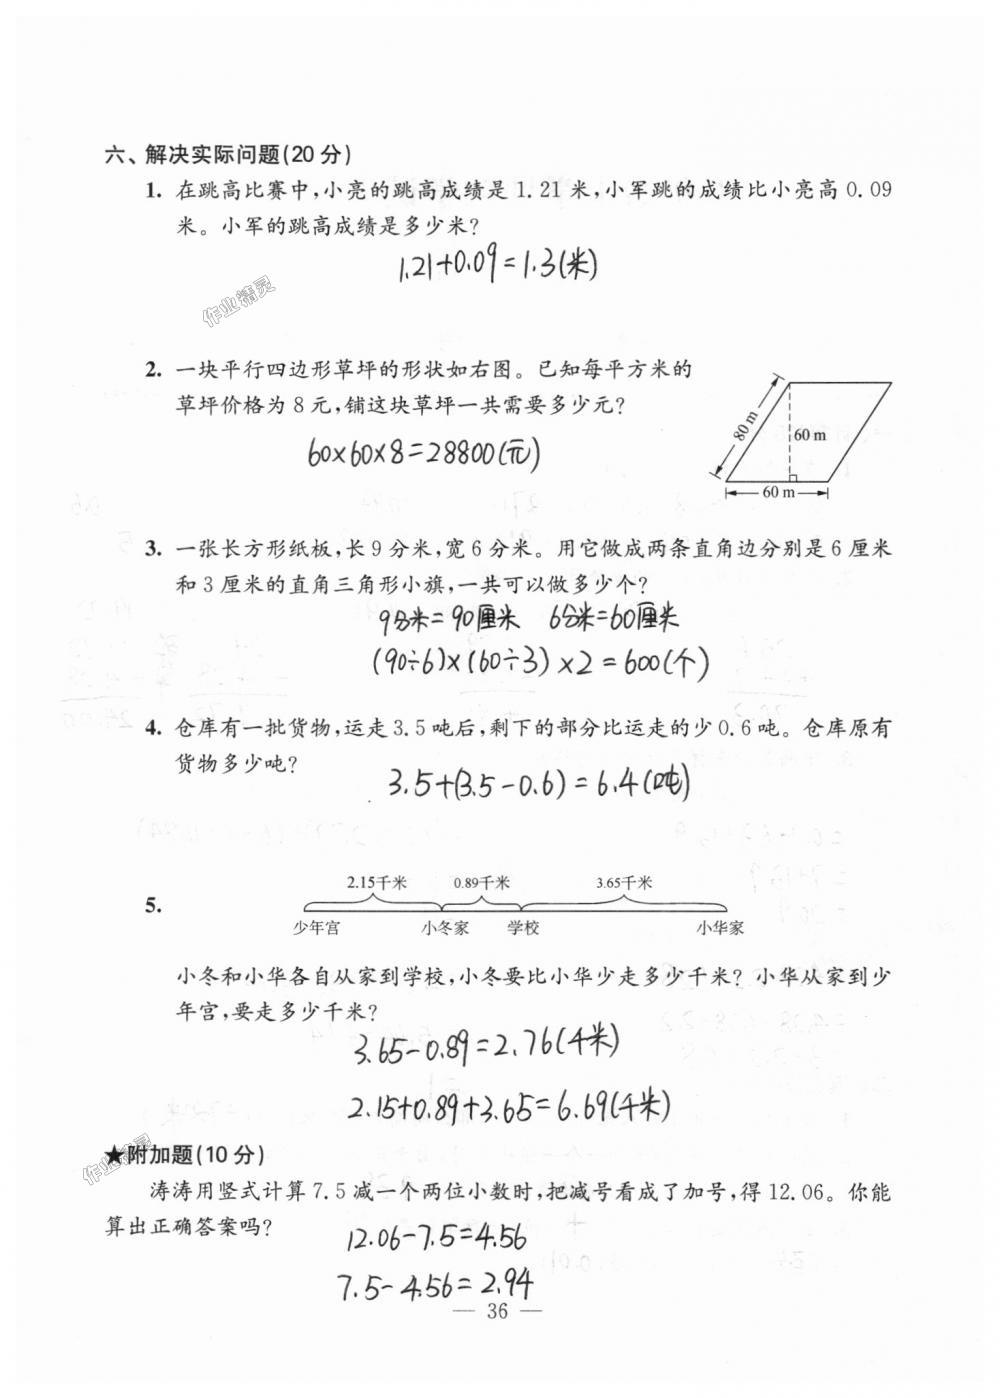 2018年练习与测试检测卷五年级数学上册苏教版第36页